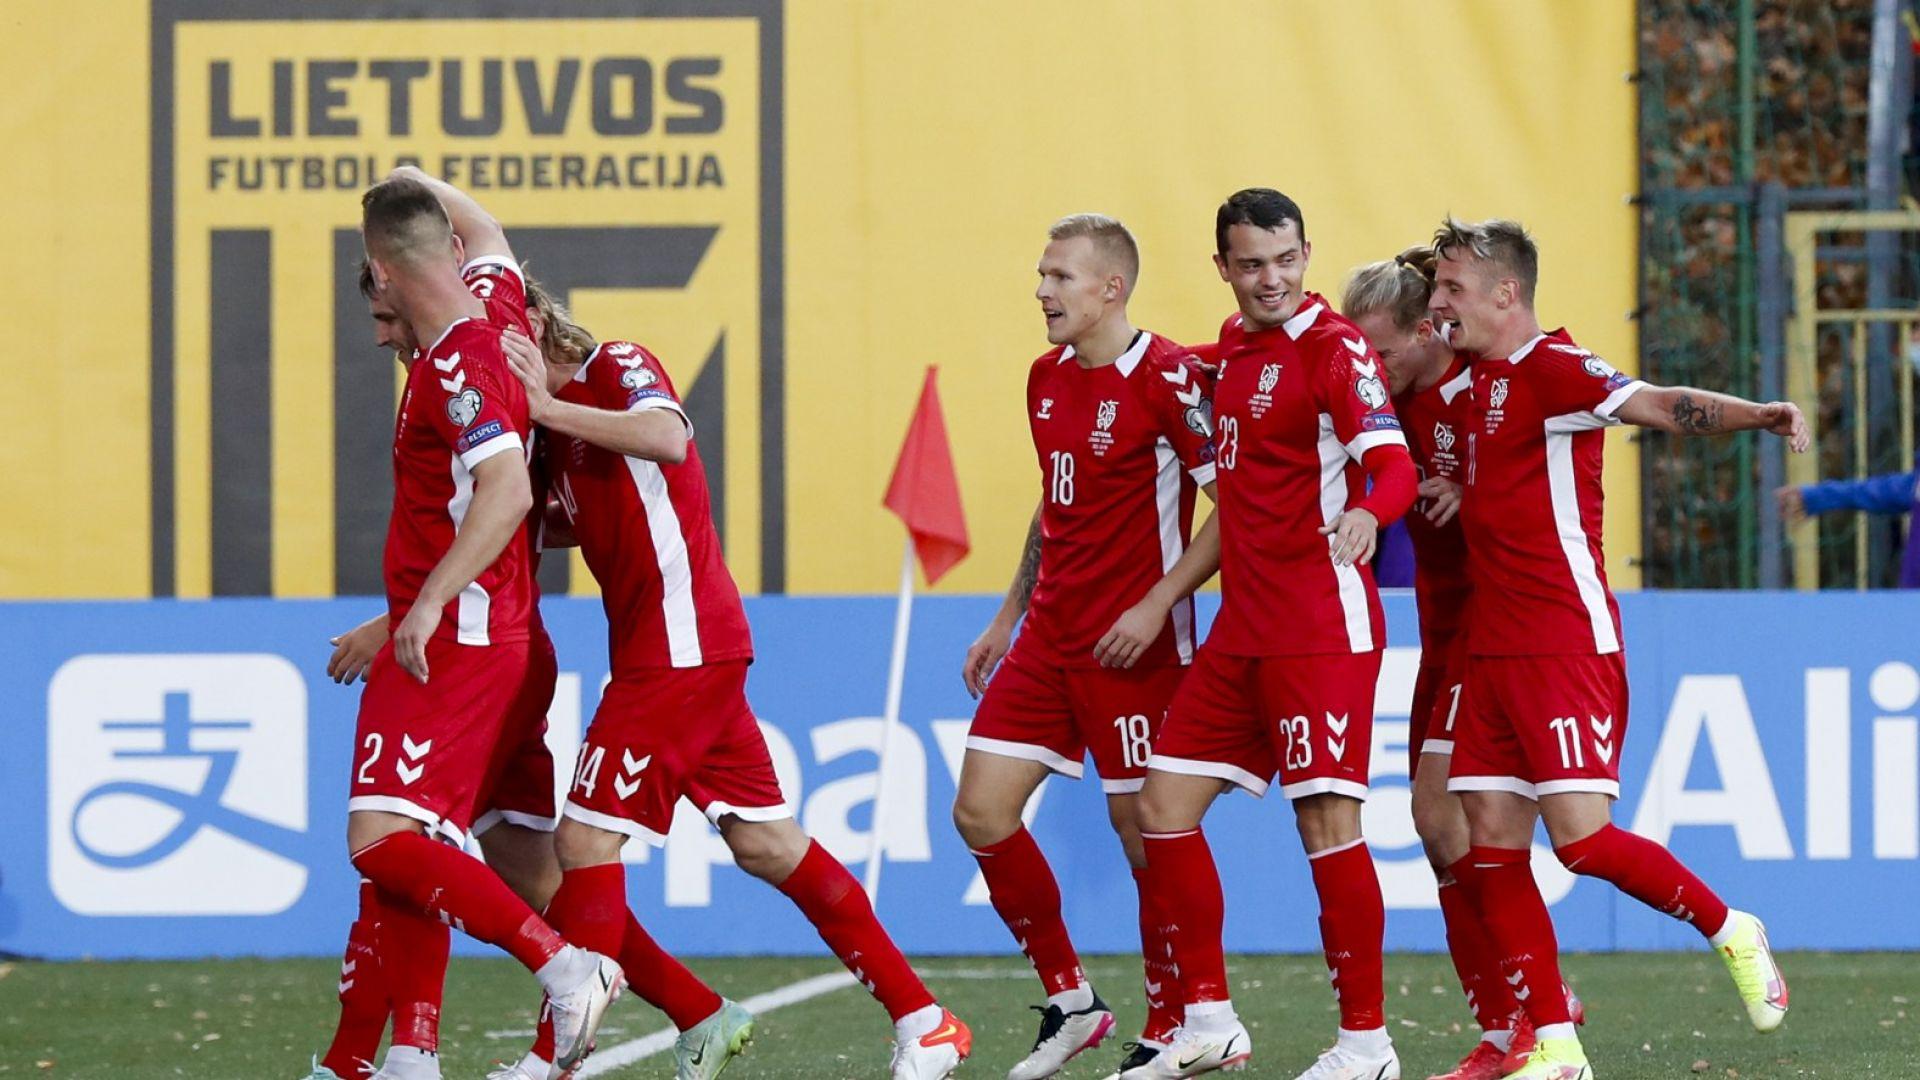 Футболна немощ: Литва пропусна да разгроми националния ни отбор